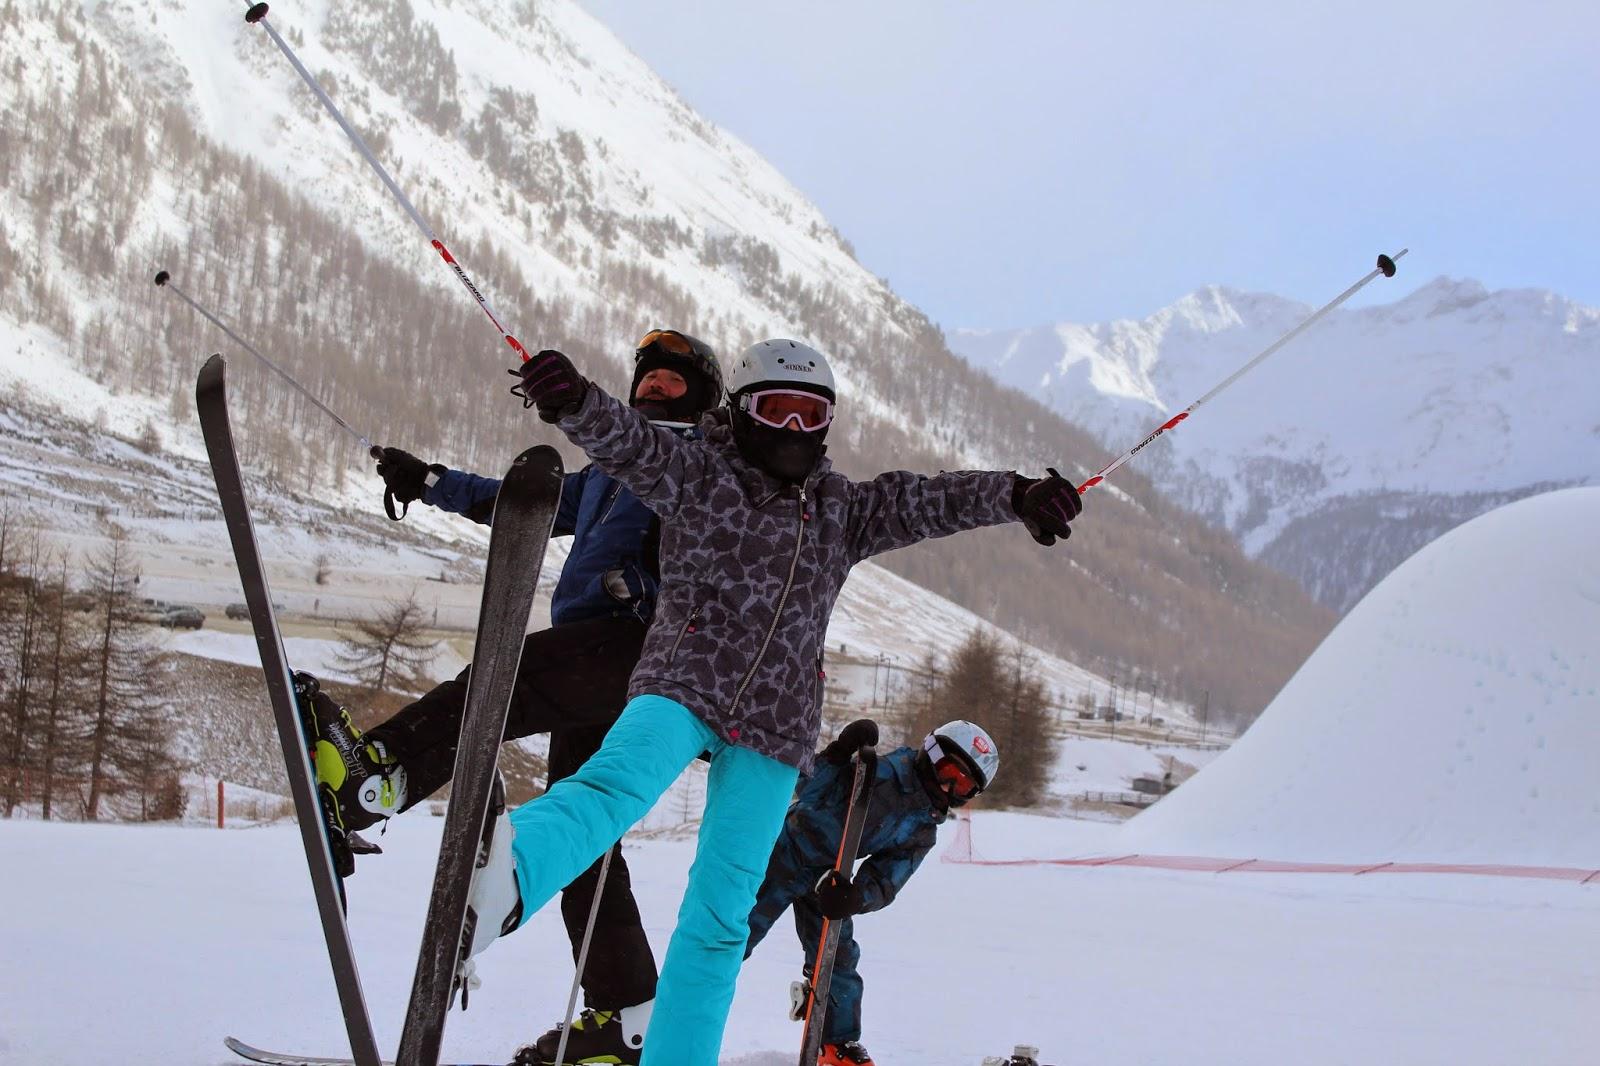 narty ski, góry, fotografia góry, zdjęcia sesja narty, sesja narciarska, ciekawe zdjęcia, kijki narciarskie